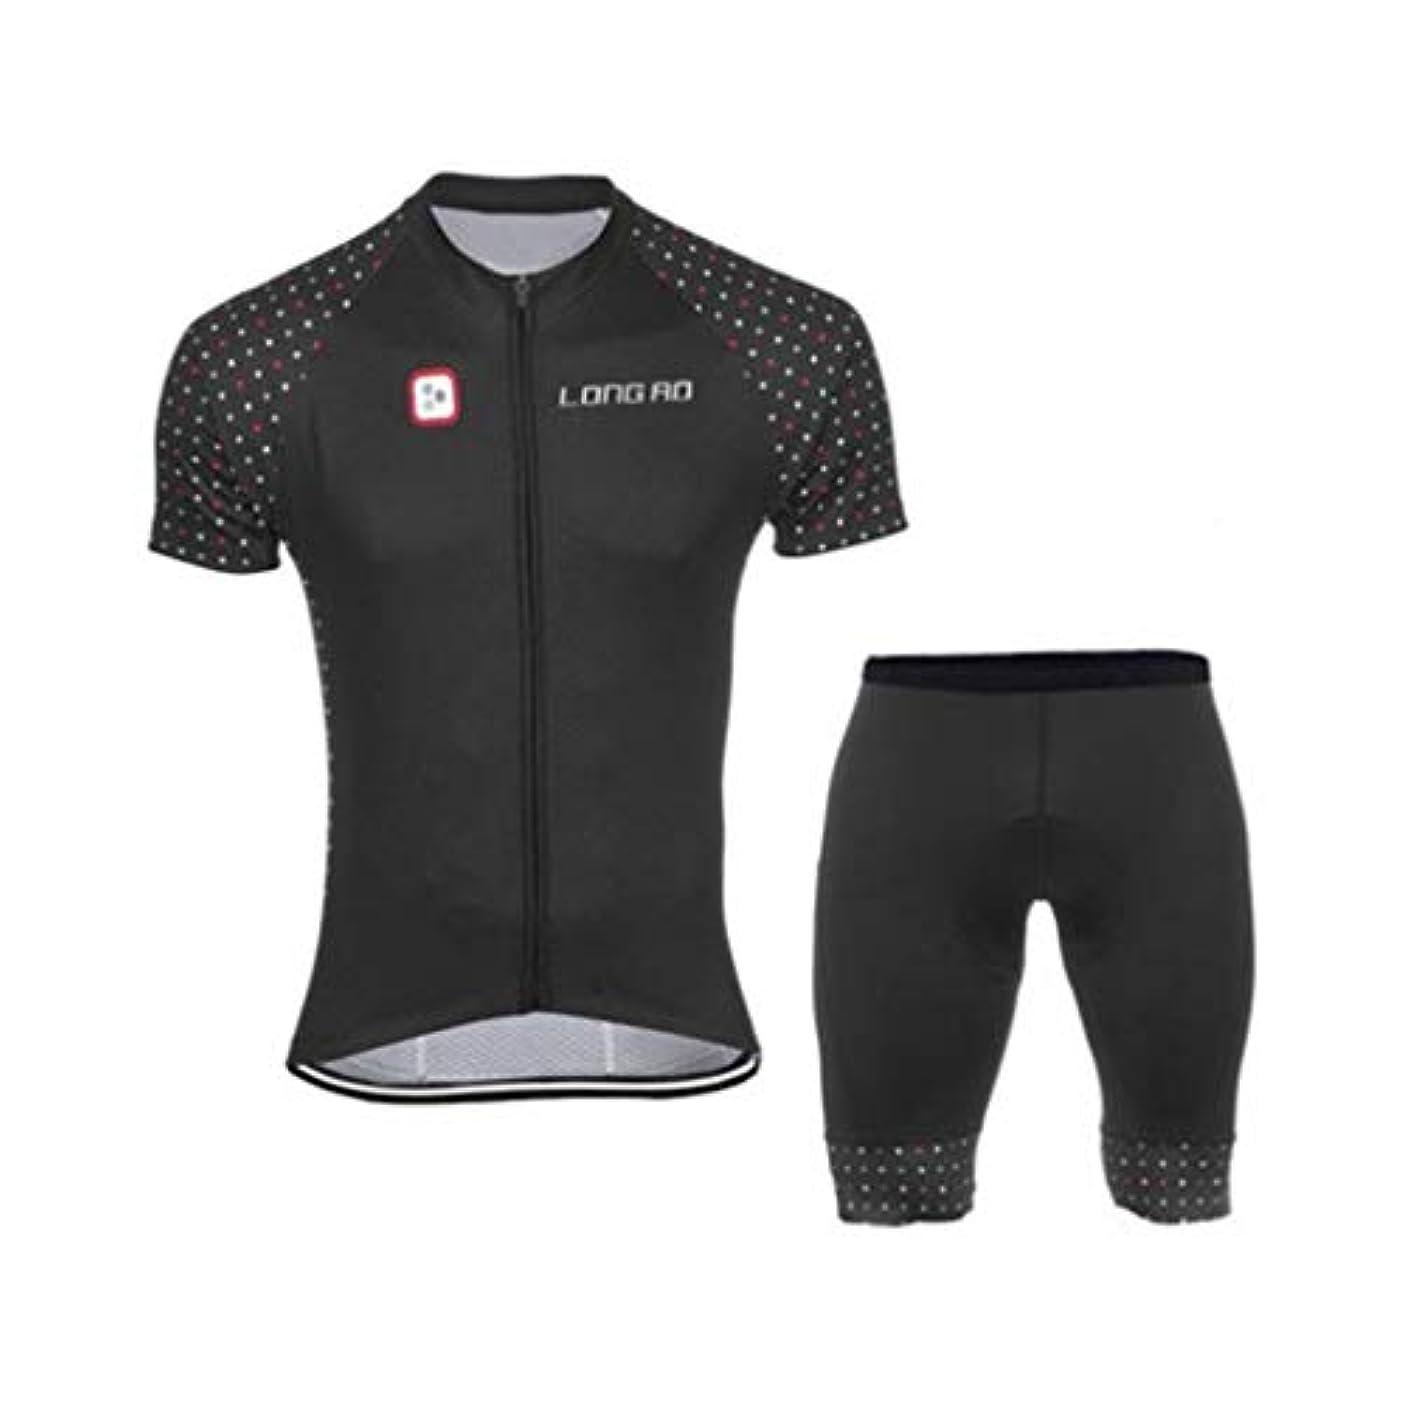 消費する落ち着いてファシズムサイクリンググローブジャージー+ビブショーツジャージー通気性?速乾性アウトドアスポーツ用ライディンググローブ(2セット+ライディンググローブ) (Color : Style 3+gloves, Size : XS)